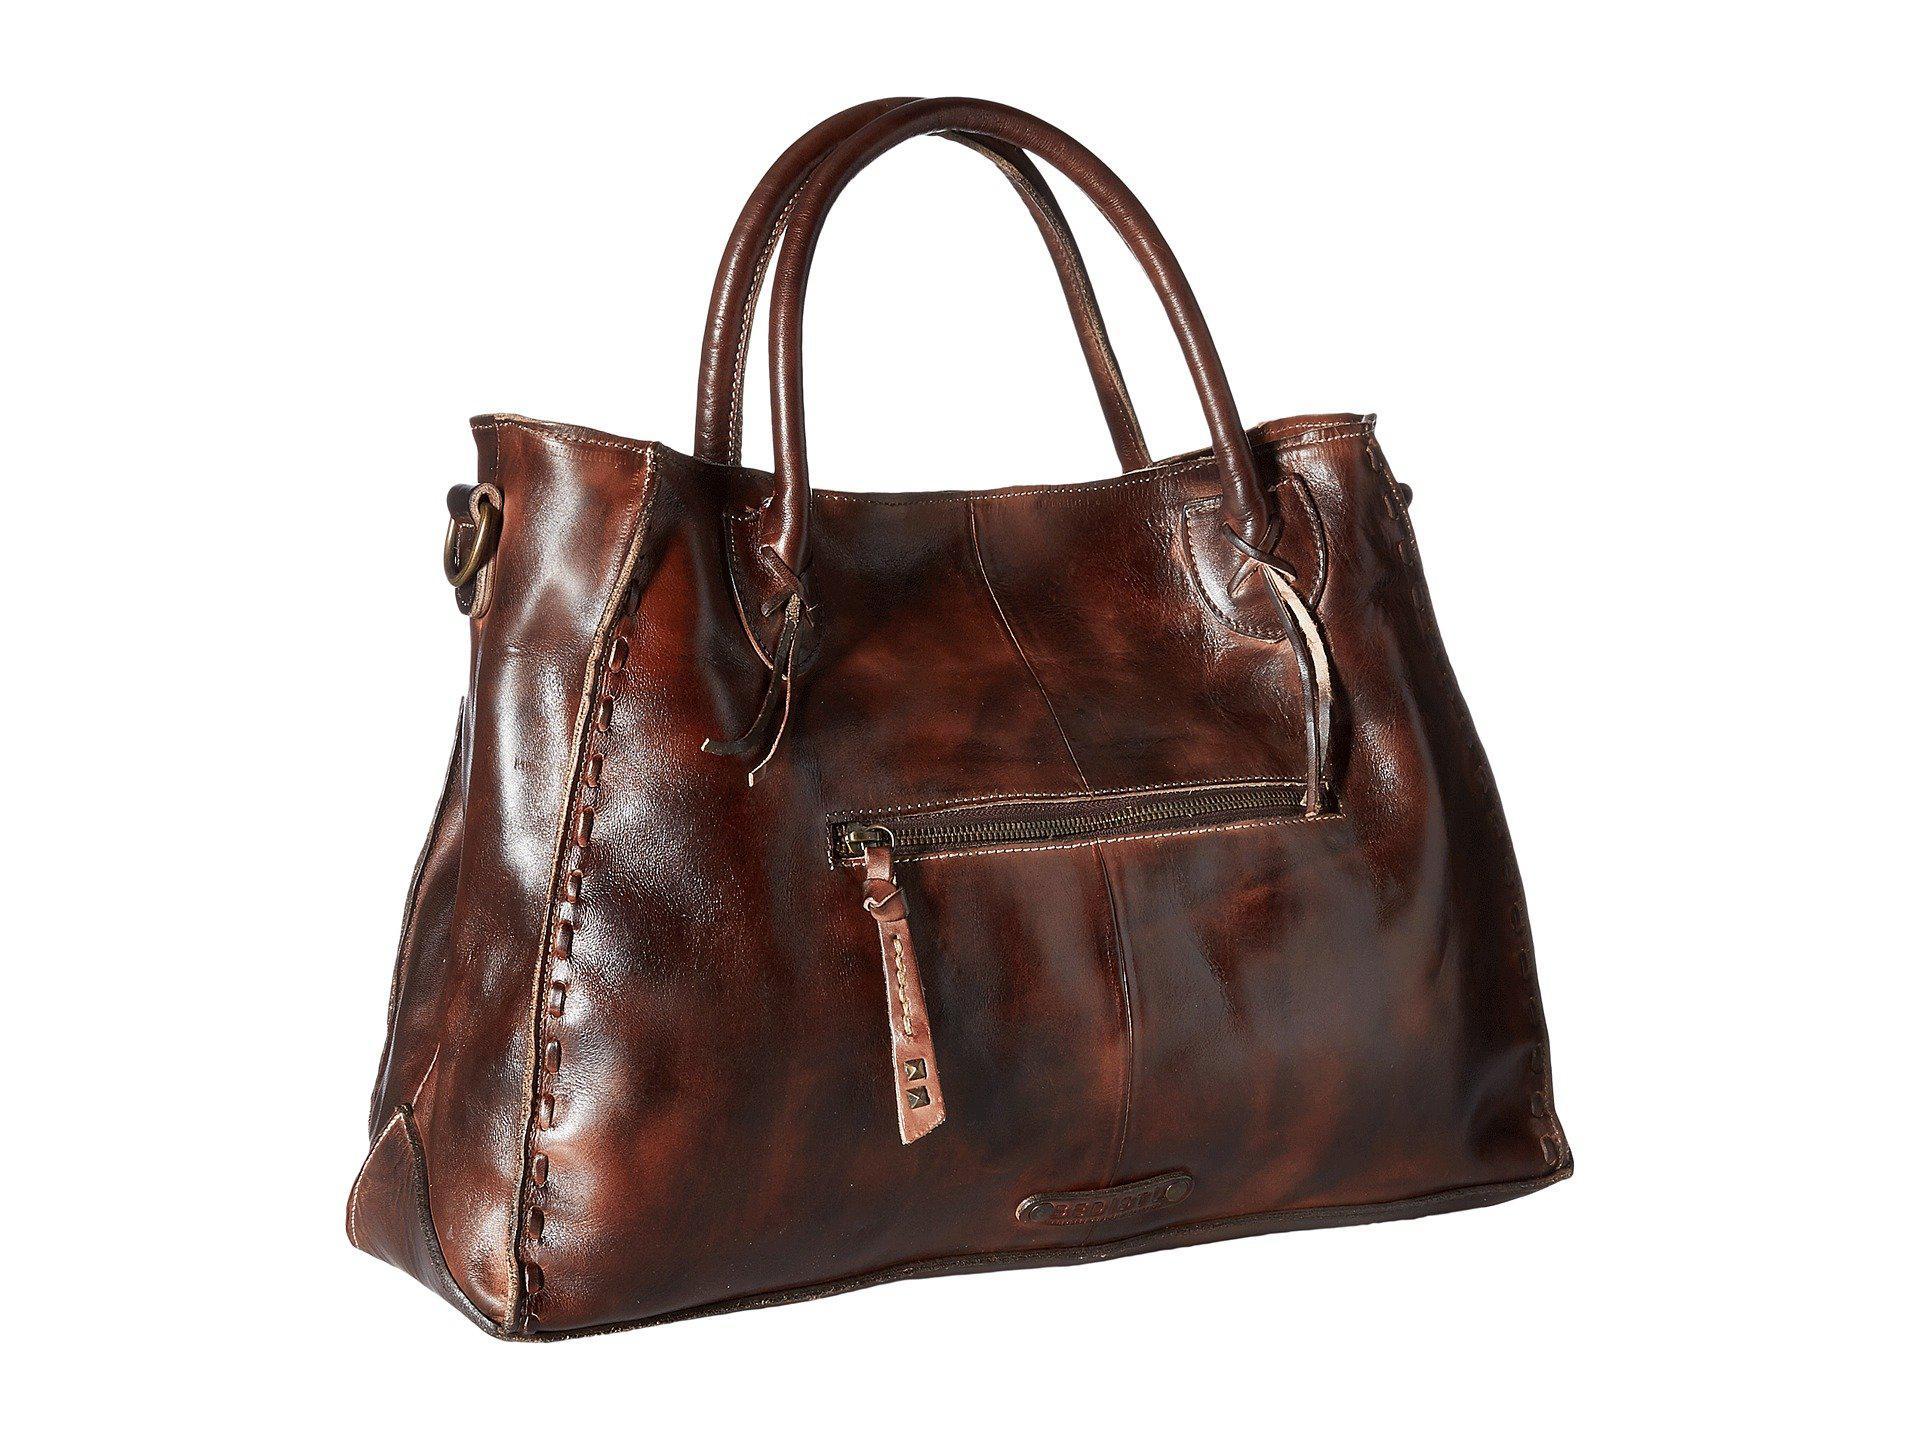 8a21f8eb61 Bed Stu - Brown Rockaway (tan Rustic) Handbags - Lyst. View fullscreen